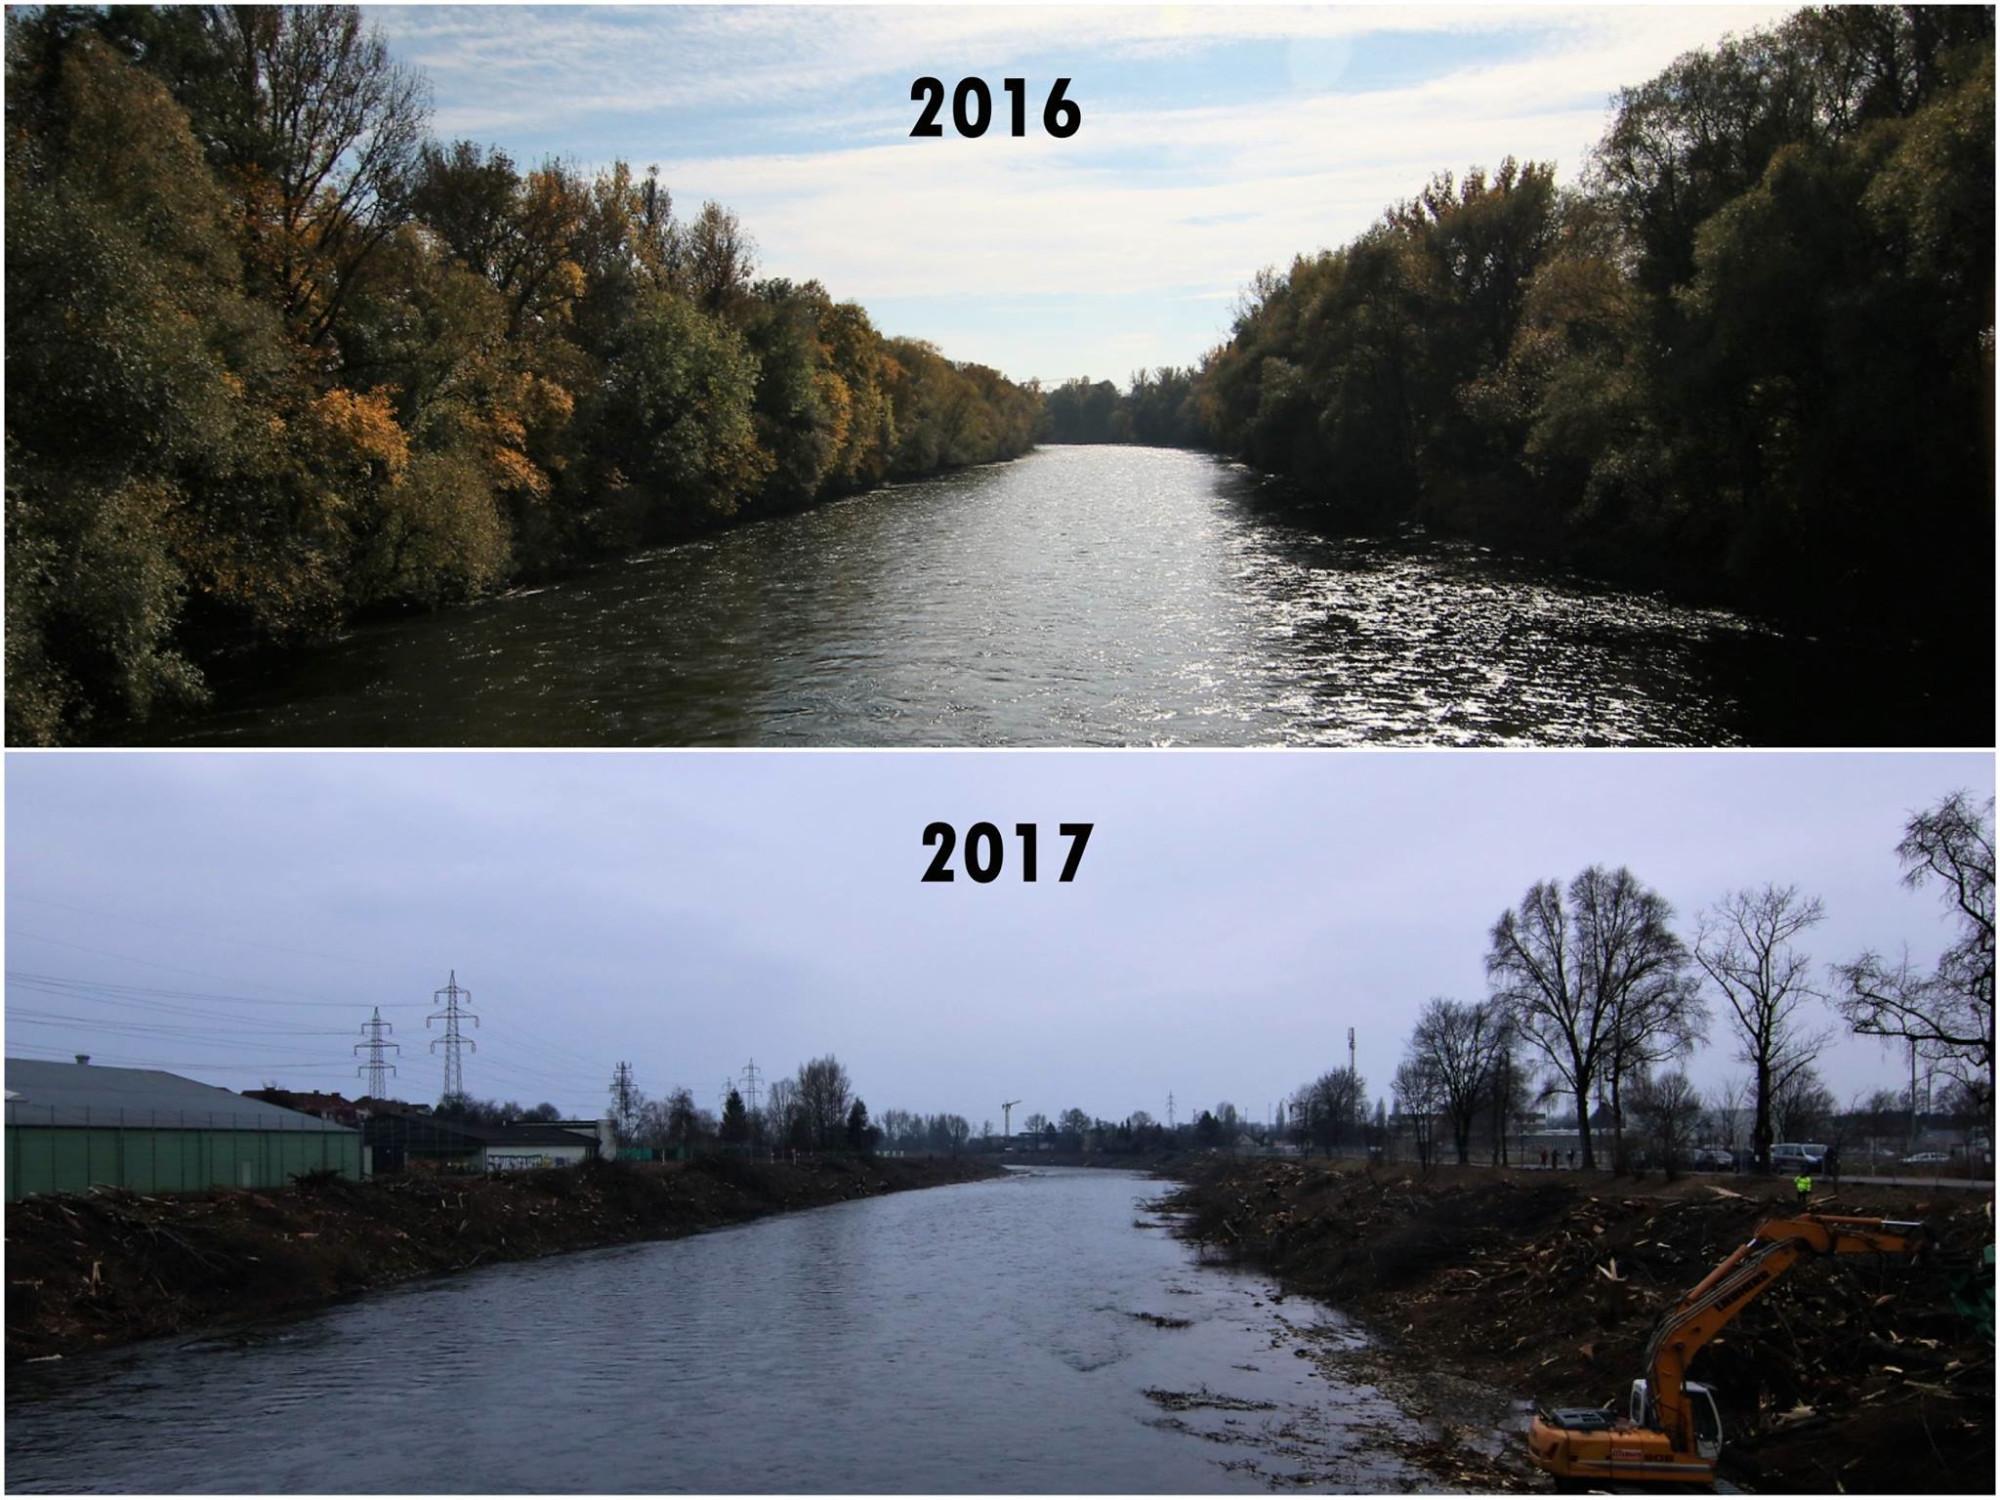 Das macht Wasserkraft innerhalb eines Jahres aus einem Gewässer! Eine Petition gegen Wasserkraft soll an der Mur in Graz schlimmeres verhindern!